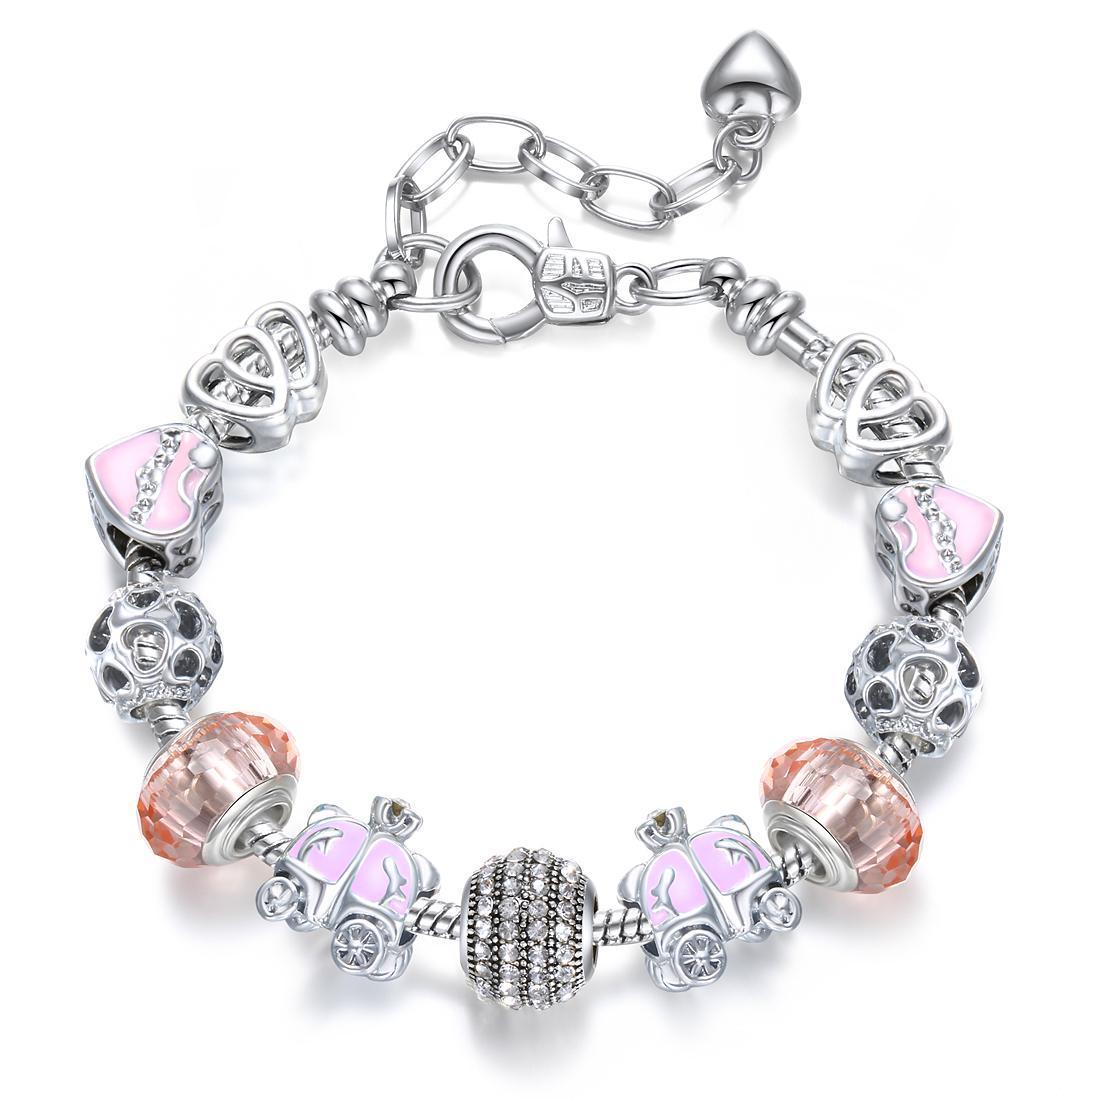 925 Making Silver drop oilCharm Beads Bracelets For Women Silver European Bracelets & Bangles Femme Bridal Wedding Fine Jewelry